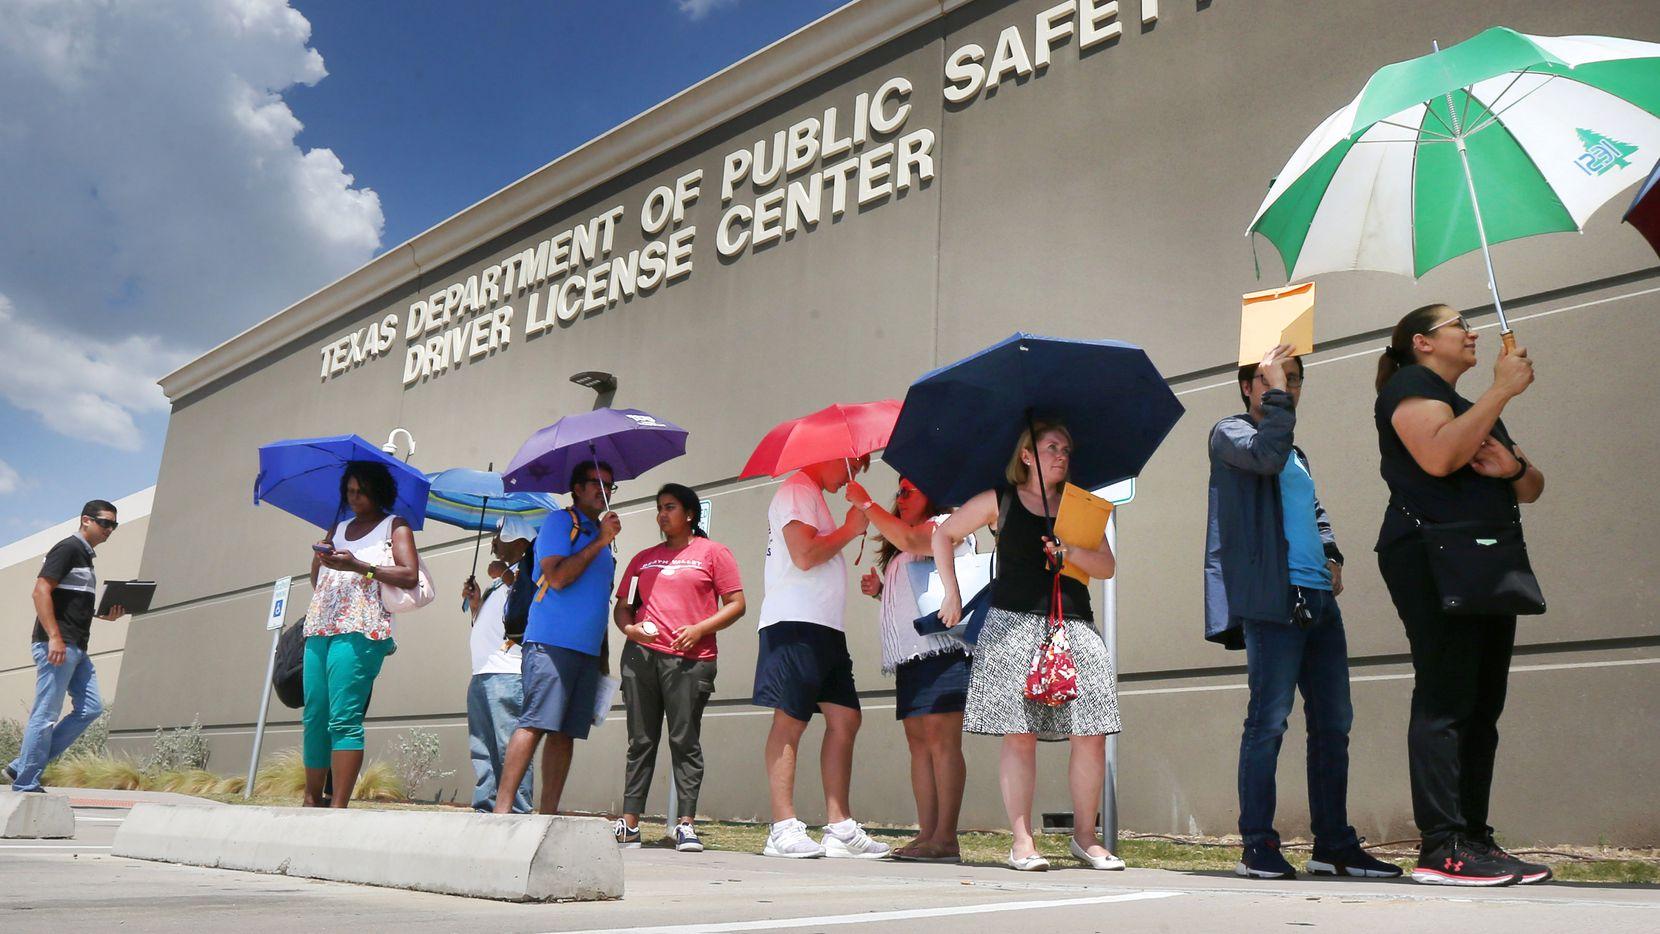 La gente hace fila por horas para sacar sus licencias en uno de los megacentros de DPS, en Carrollton.